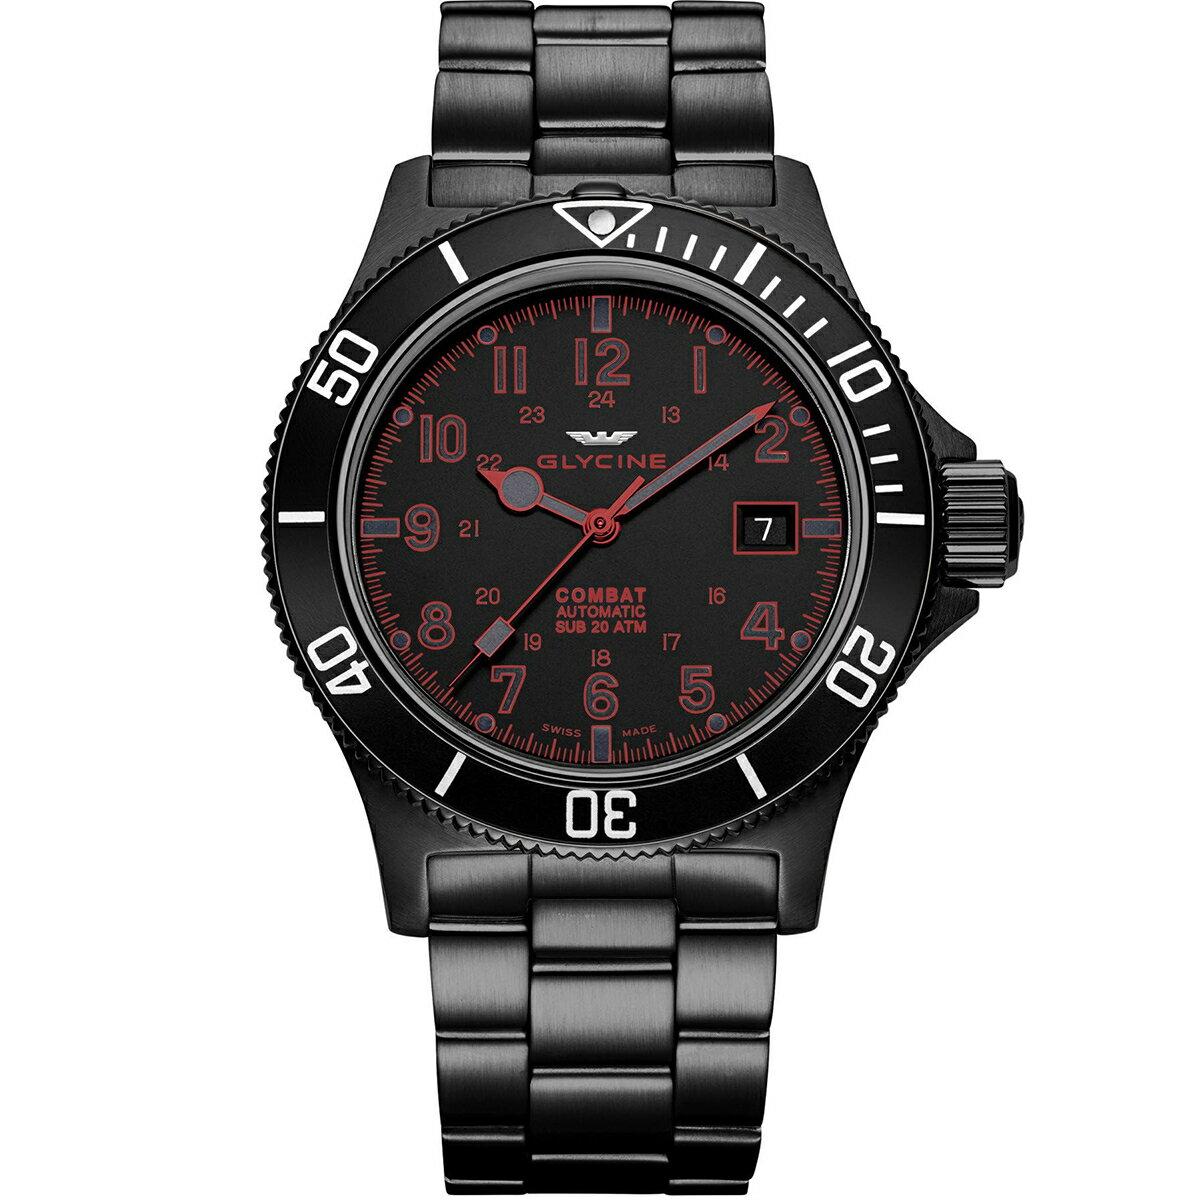 グライシン グリシン GLYCINE コンバット サブ COMBAT SUB 42 GL0080 メンズ 時計 腕時計 自動巻き オートマチック スイス製 スイスメイド パイロット